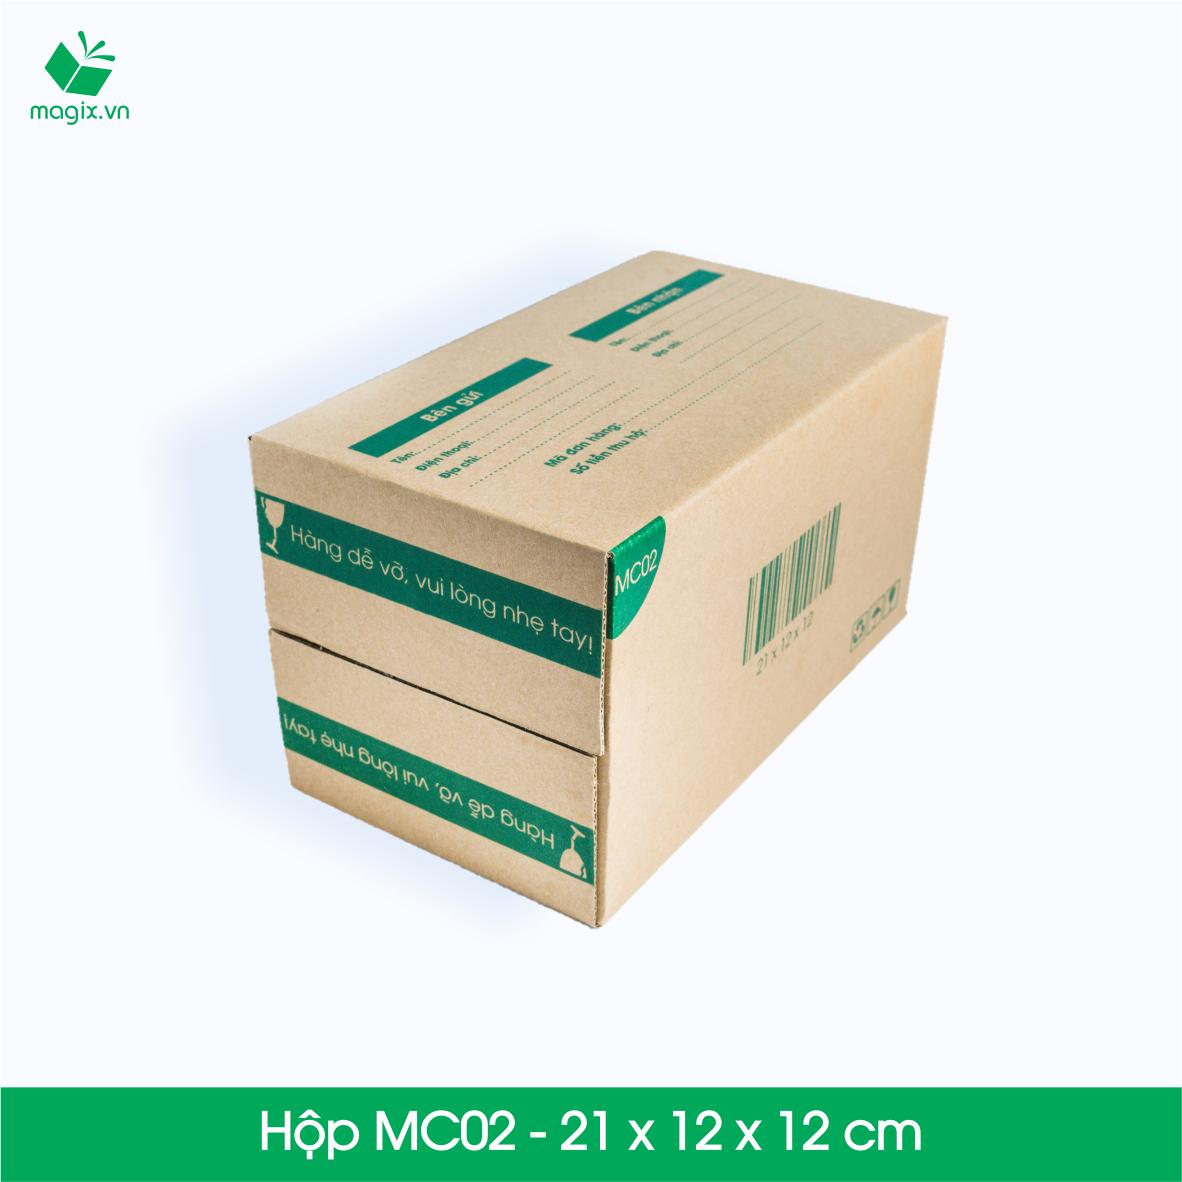 Hộp carton cao mang đến rất nhiều ưu điểm nổi bật!